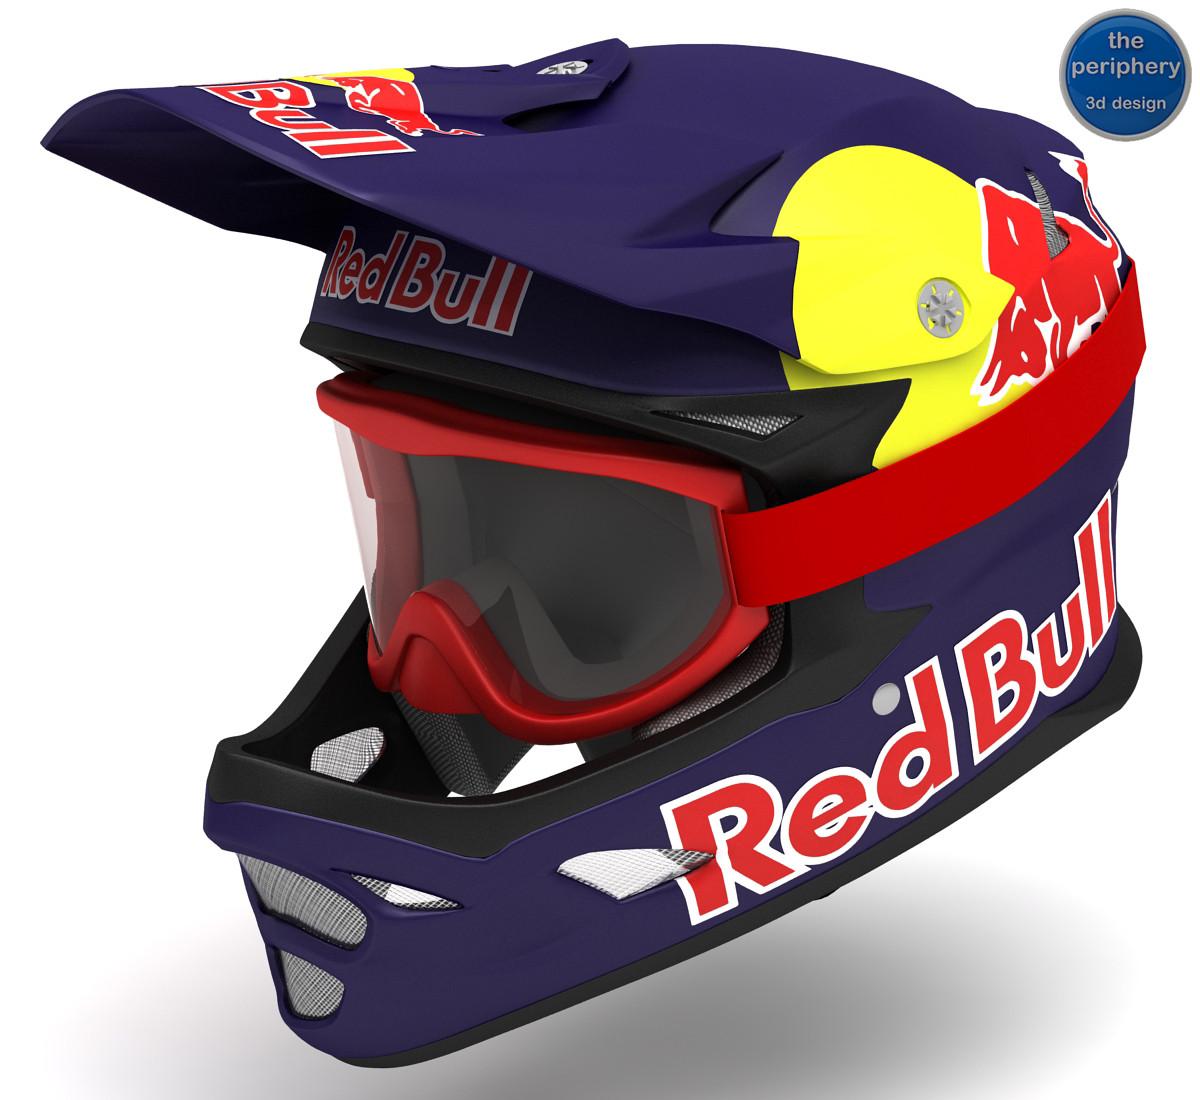 Helmet_RedBull&Goggles_01.jpg